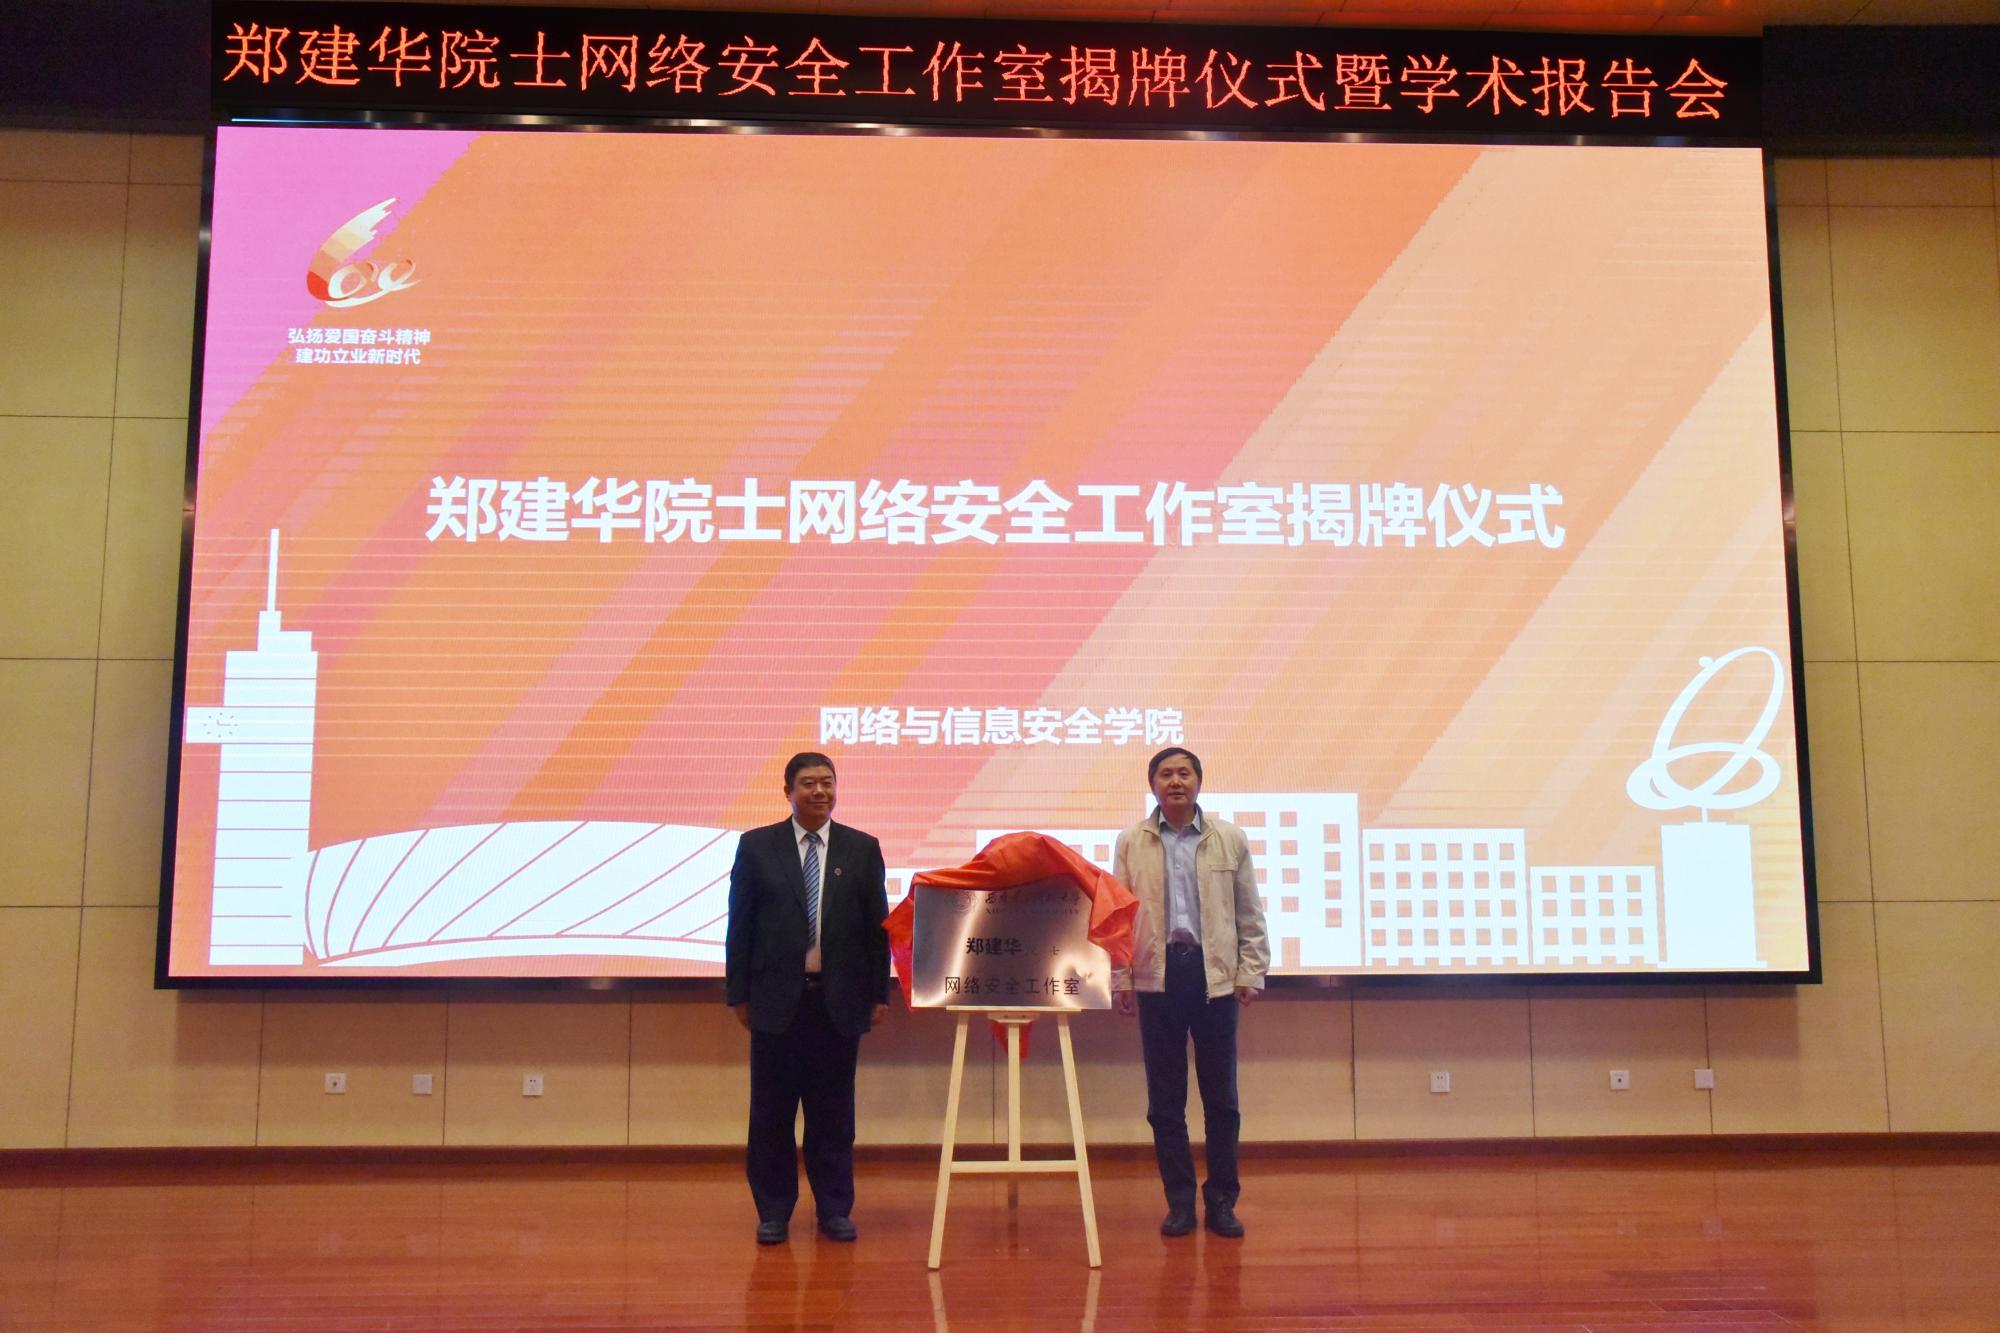 西电举行郑建华院士网络安全工作室揭牌仪式